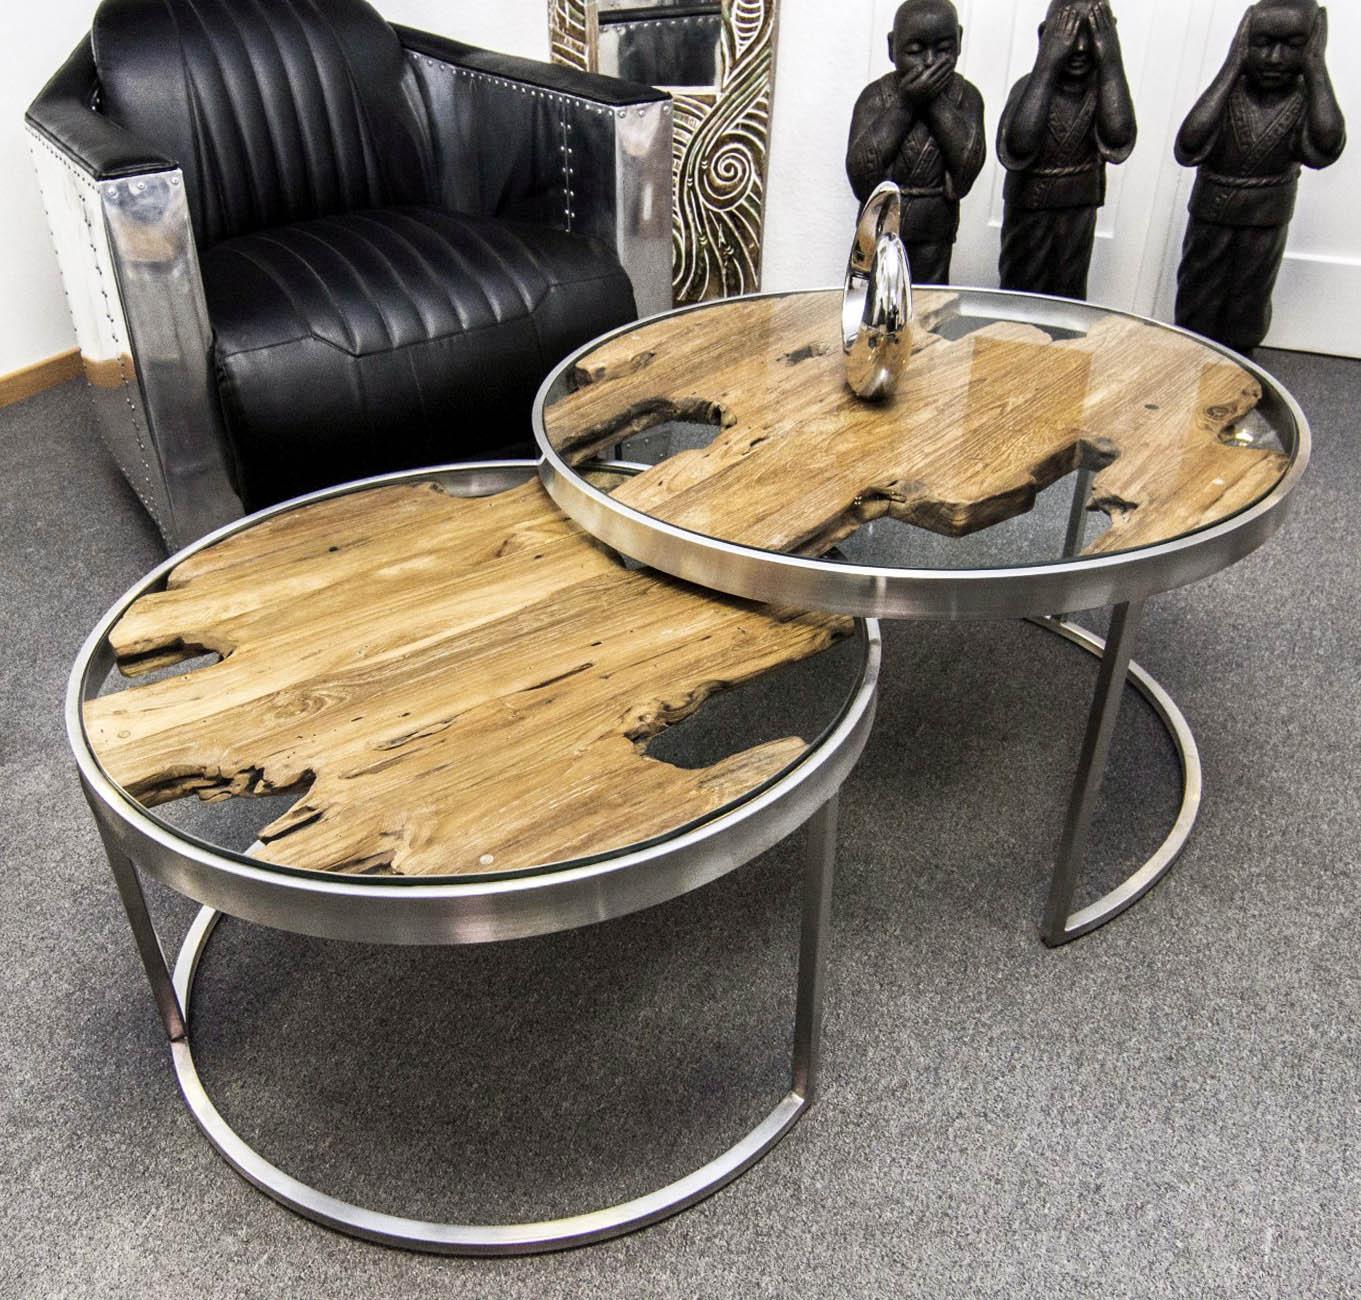 couchtisch beistelltisch rund und ausziehbar der tischonkel. Black Bedroom Furniture Sets. Home Design Ideas